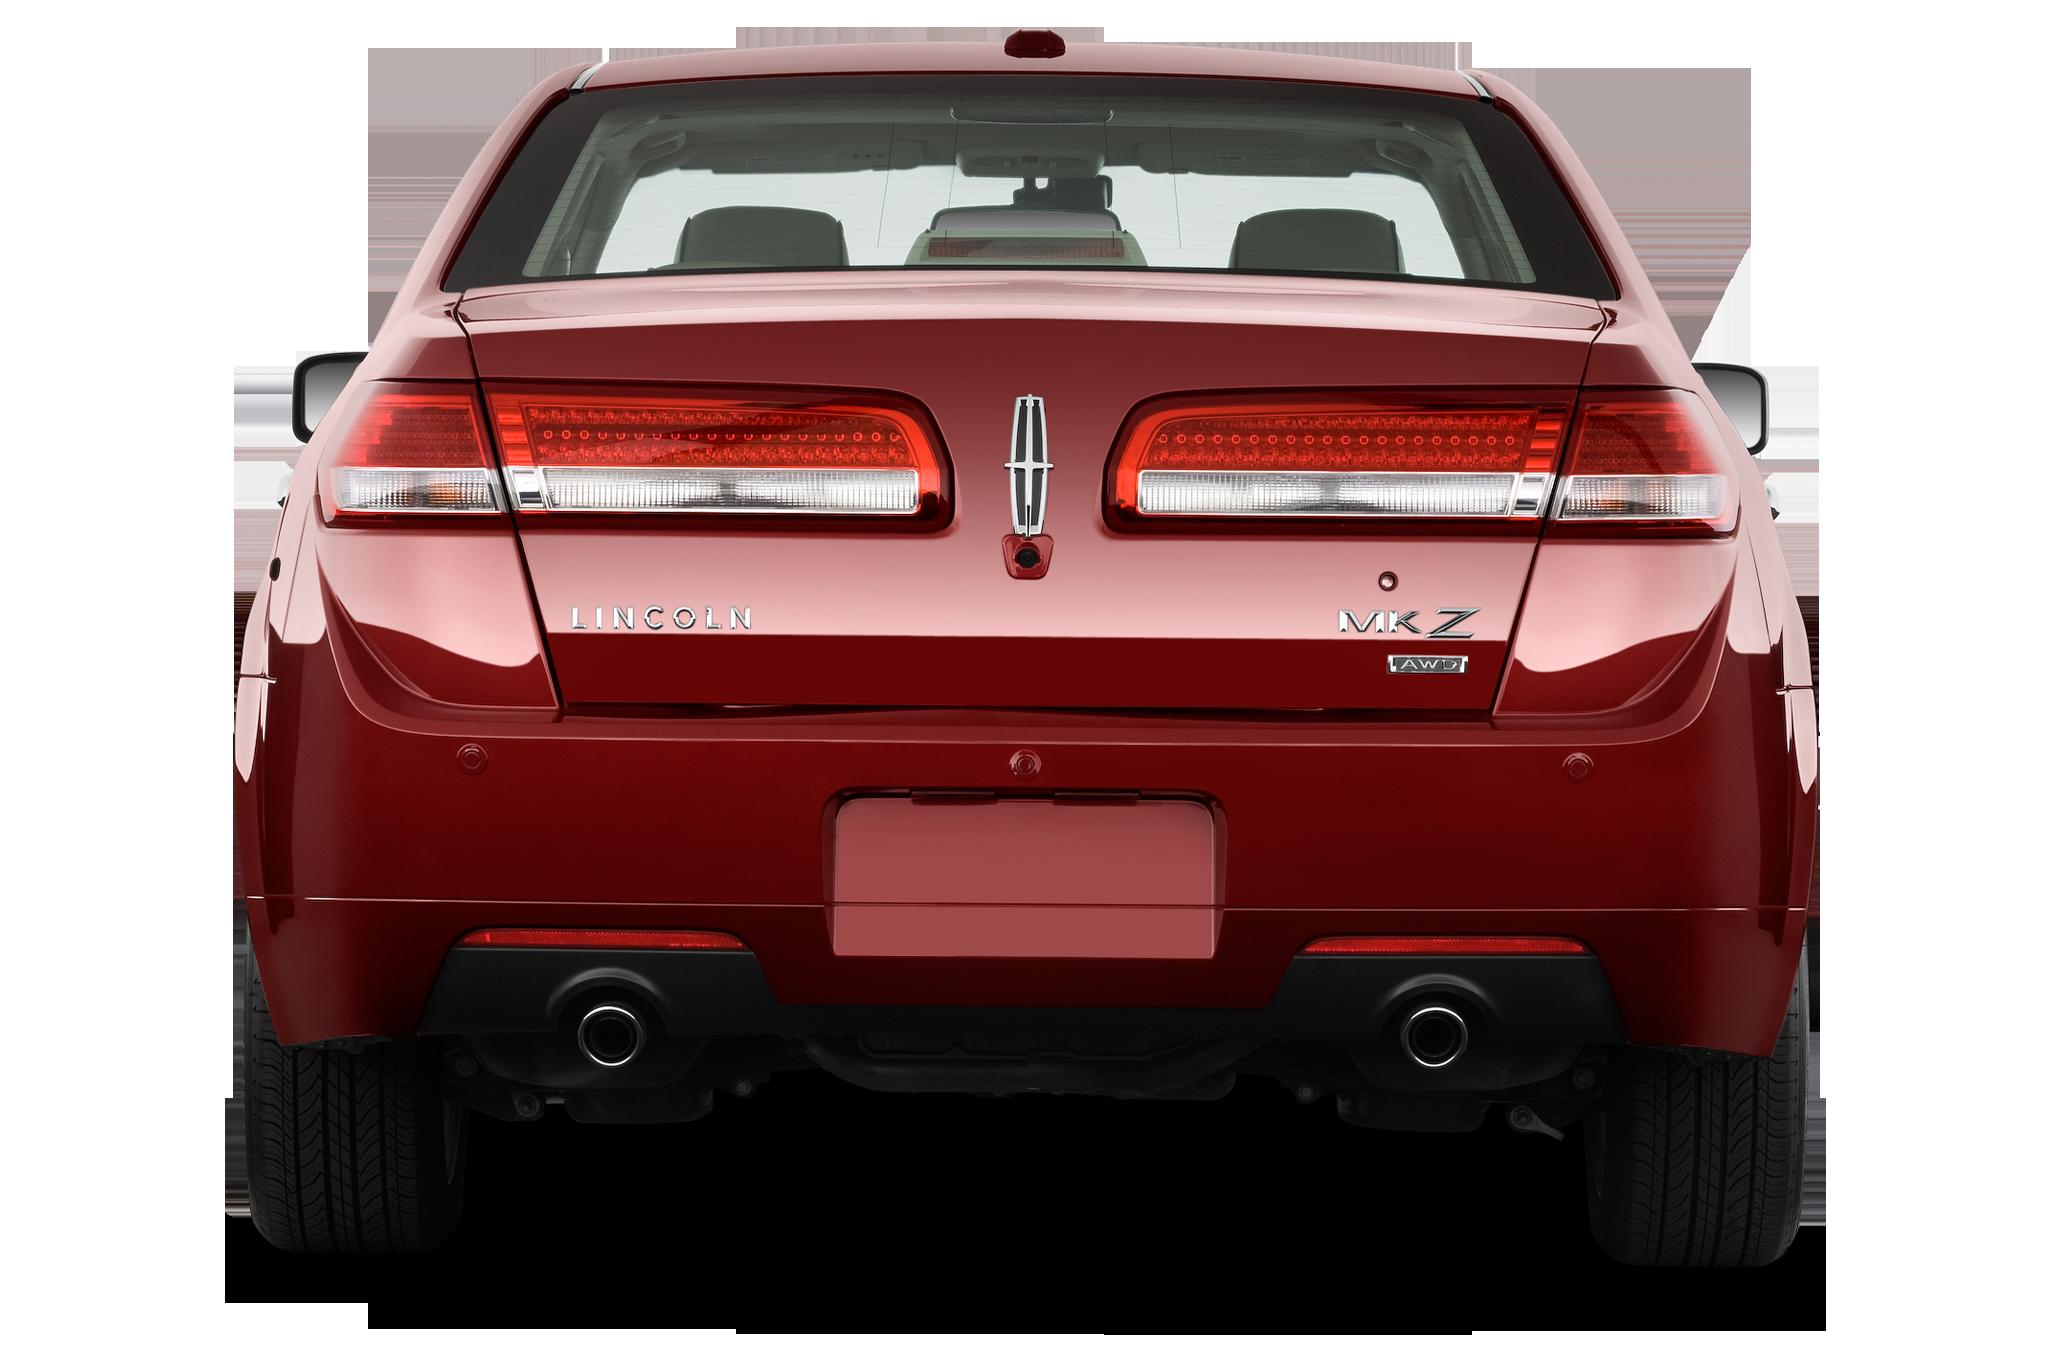 Lincoln MKZ I (Zephyr) Restyling 2009 - 2012 Sedan #3